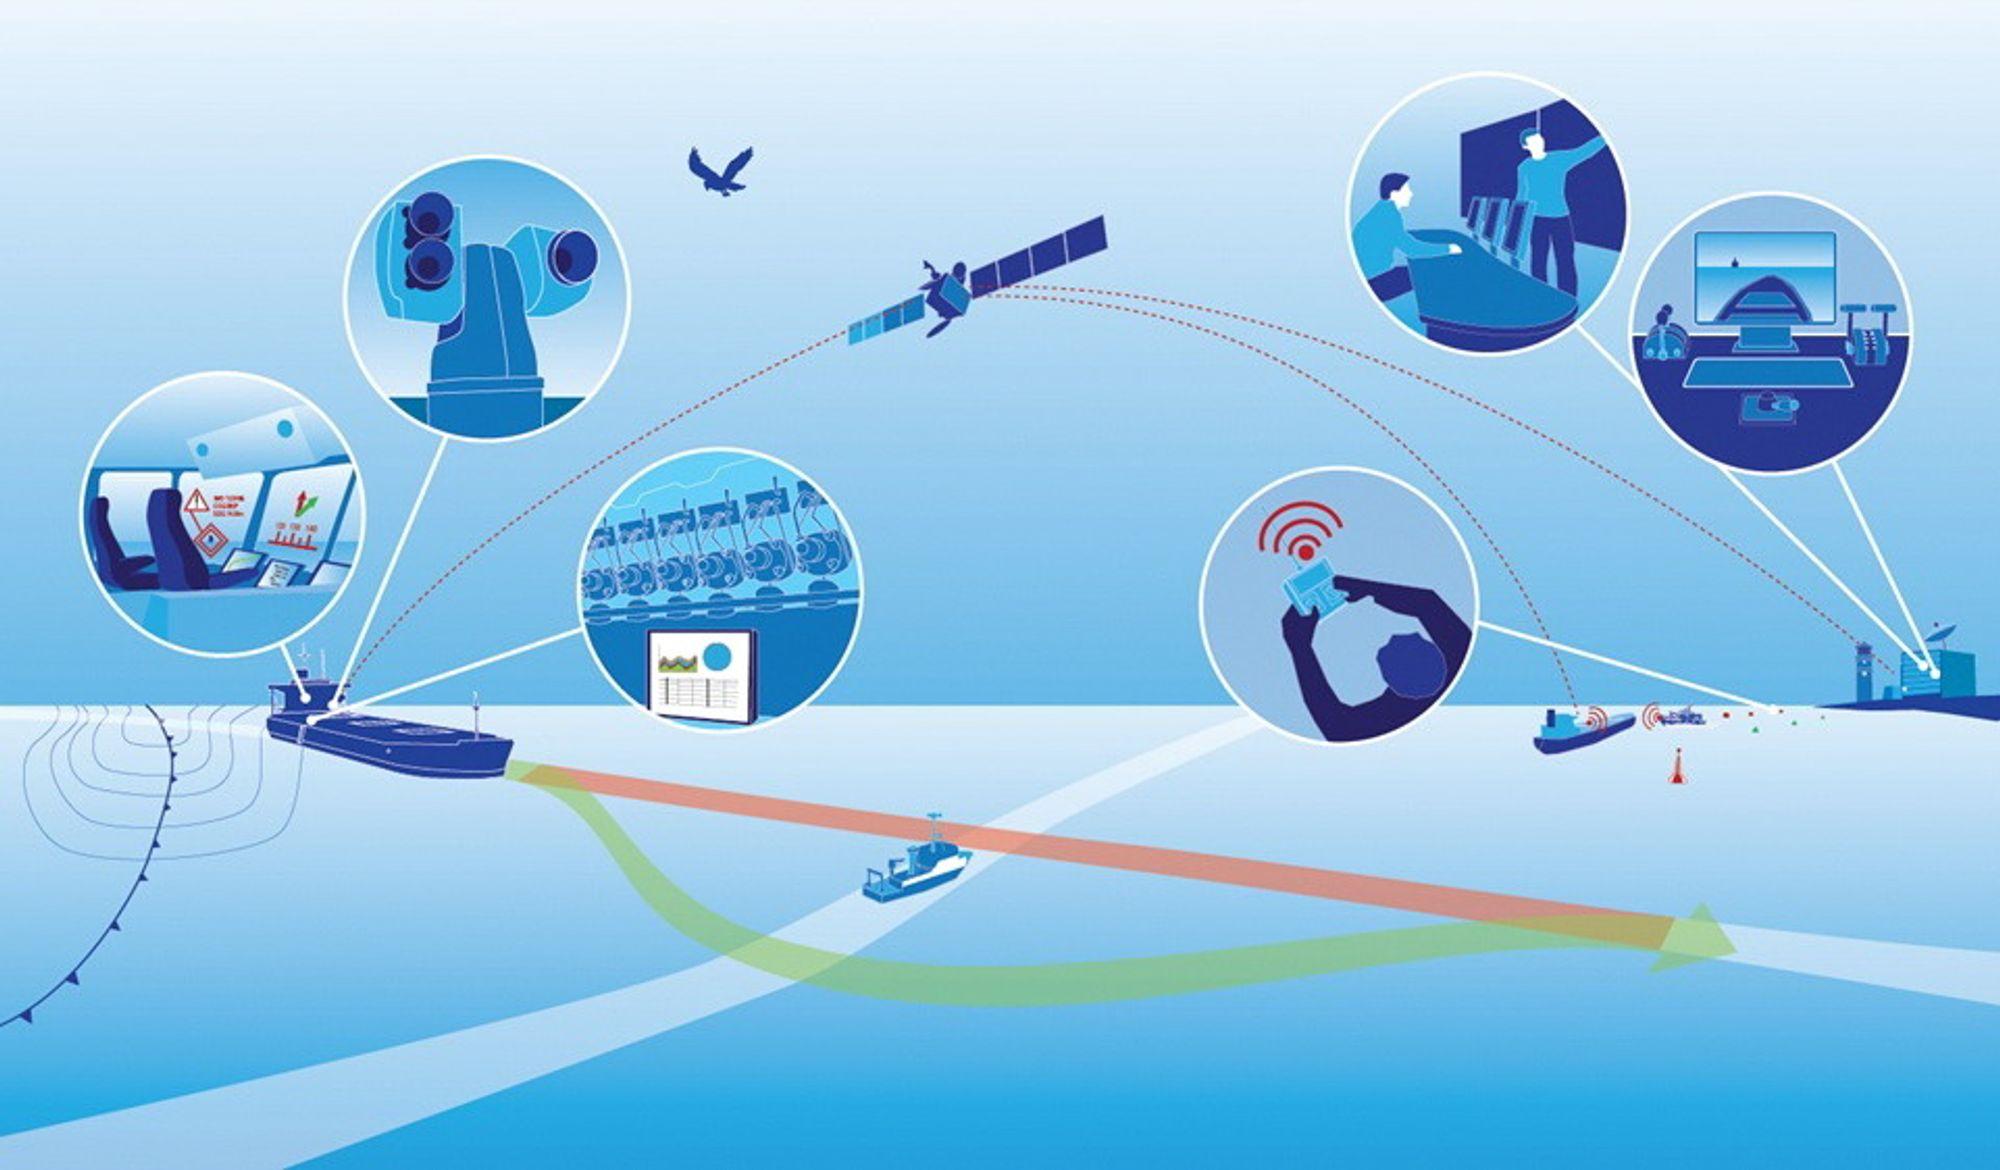 Ubemannede skip kan gjøre den maritime industrien både mer attraktiv og bærekraftig. Illustrasjonen fra Munin-prosjektet viser alt som kan overvåkes og styres fra land om bord i autonome skip.